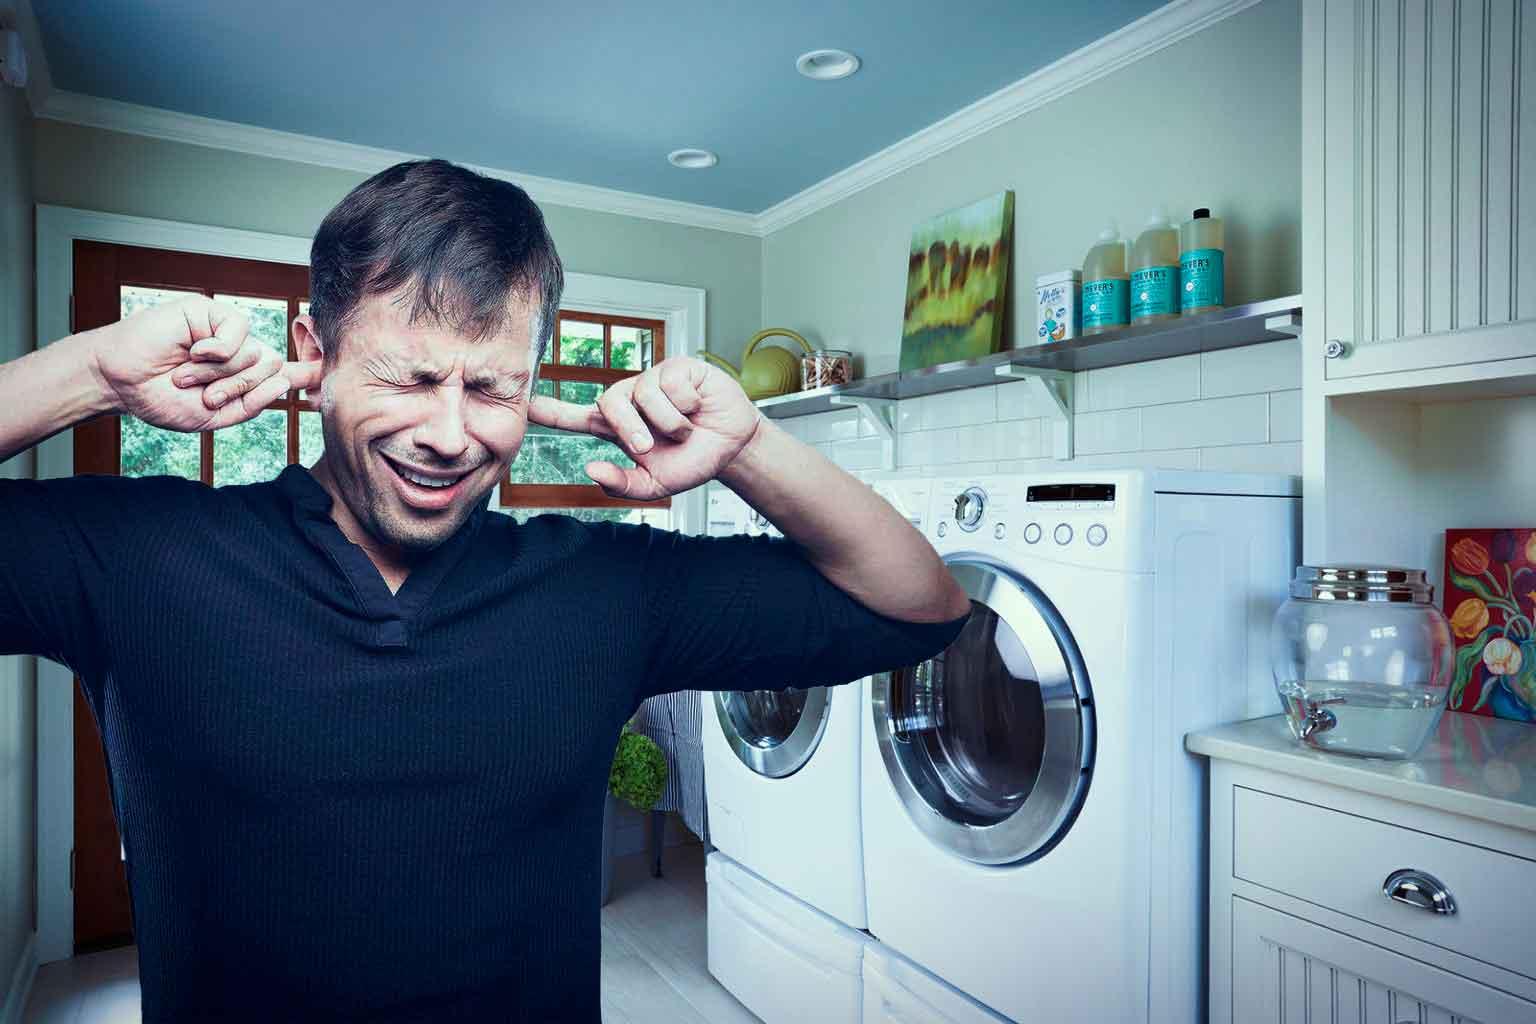 Почему сильно шумит стиральная машина при отжиме - сервис в Москве